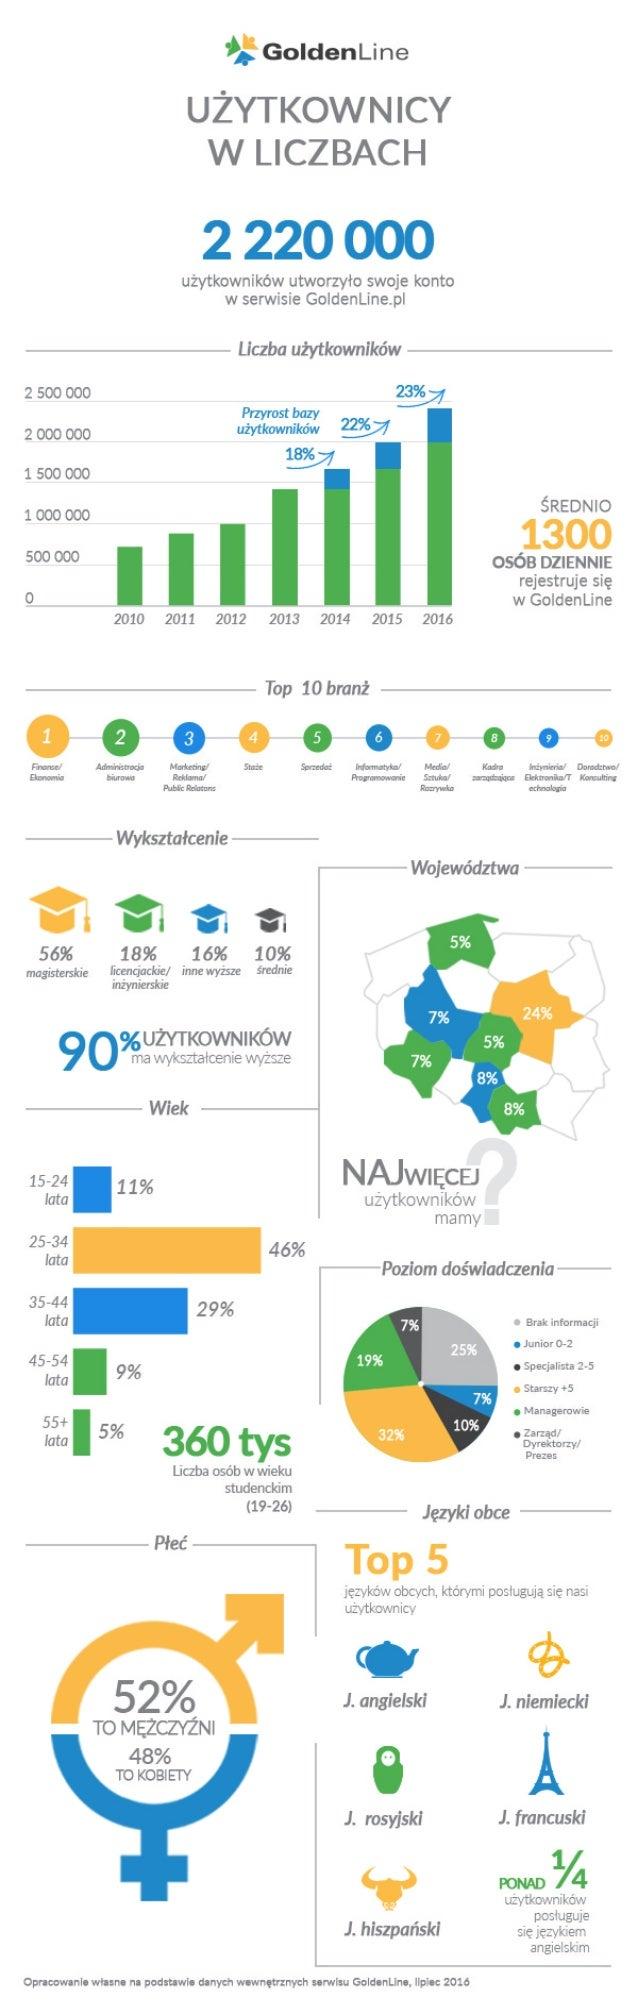 GoldenLine – największa baza kandydatów w Polsce